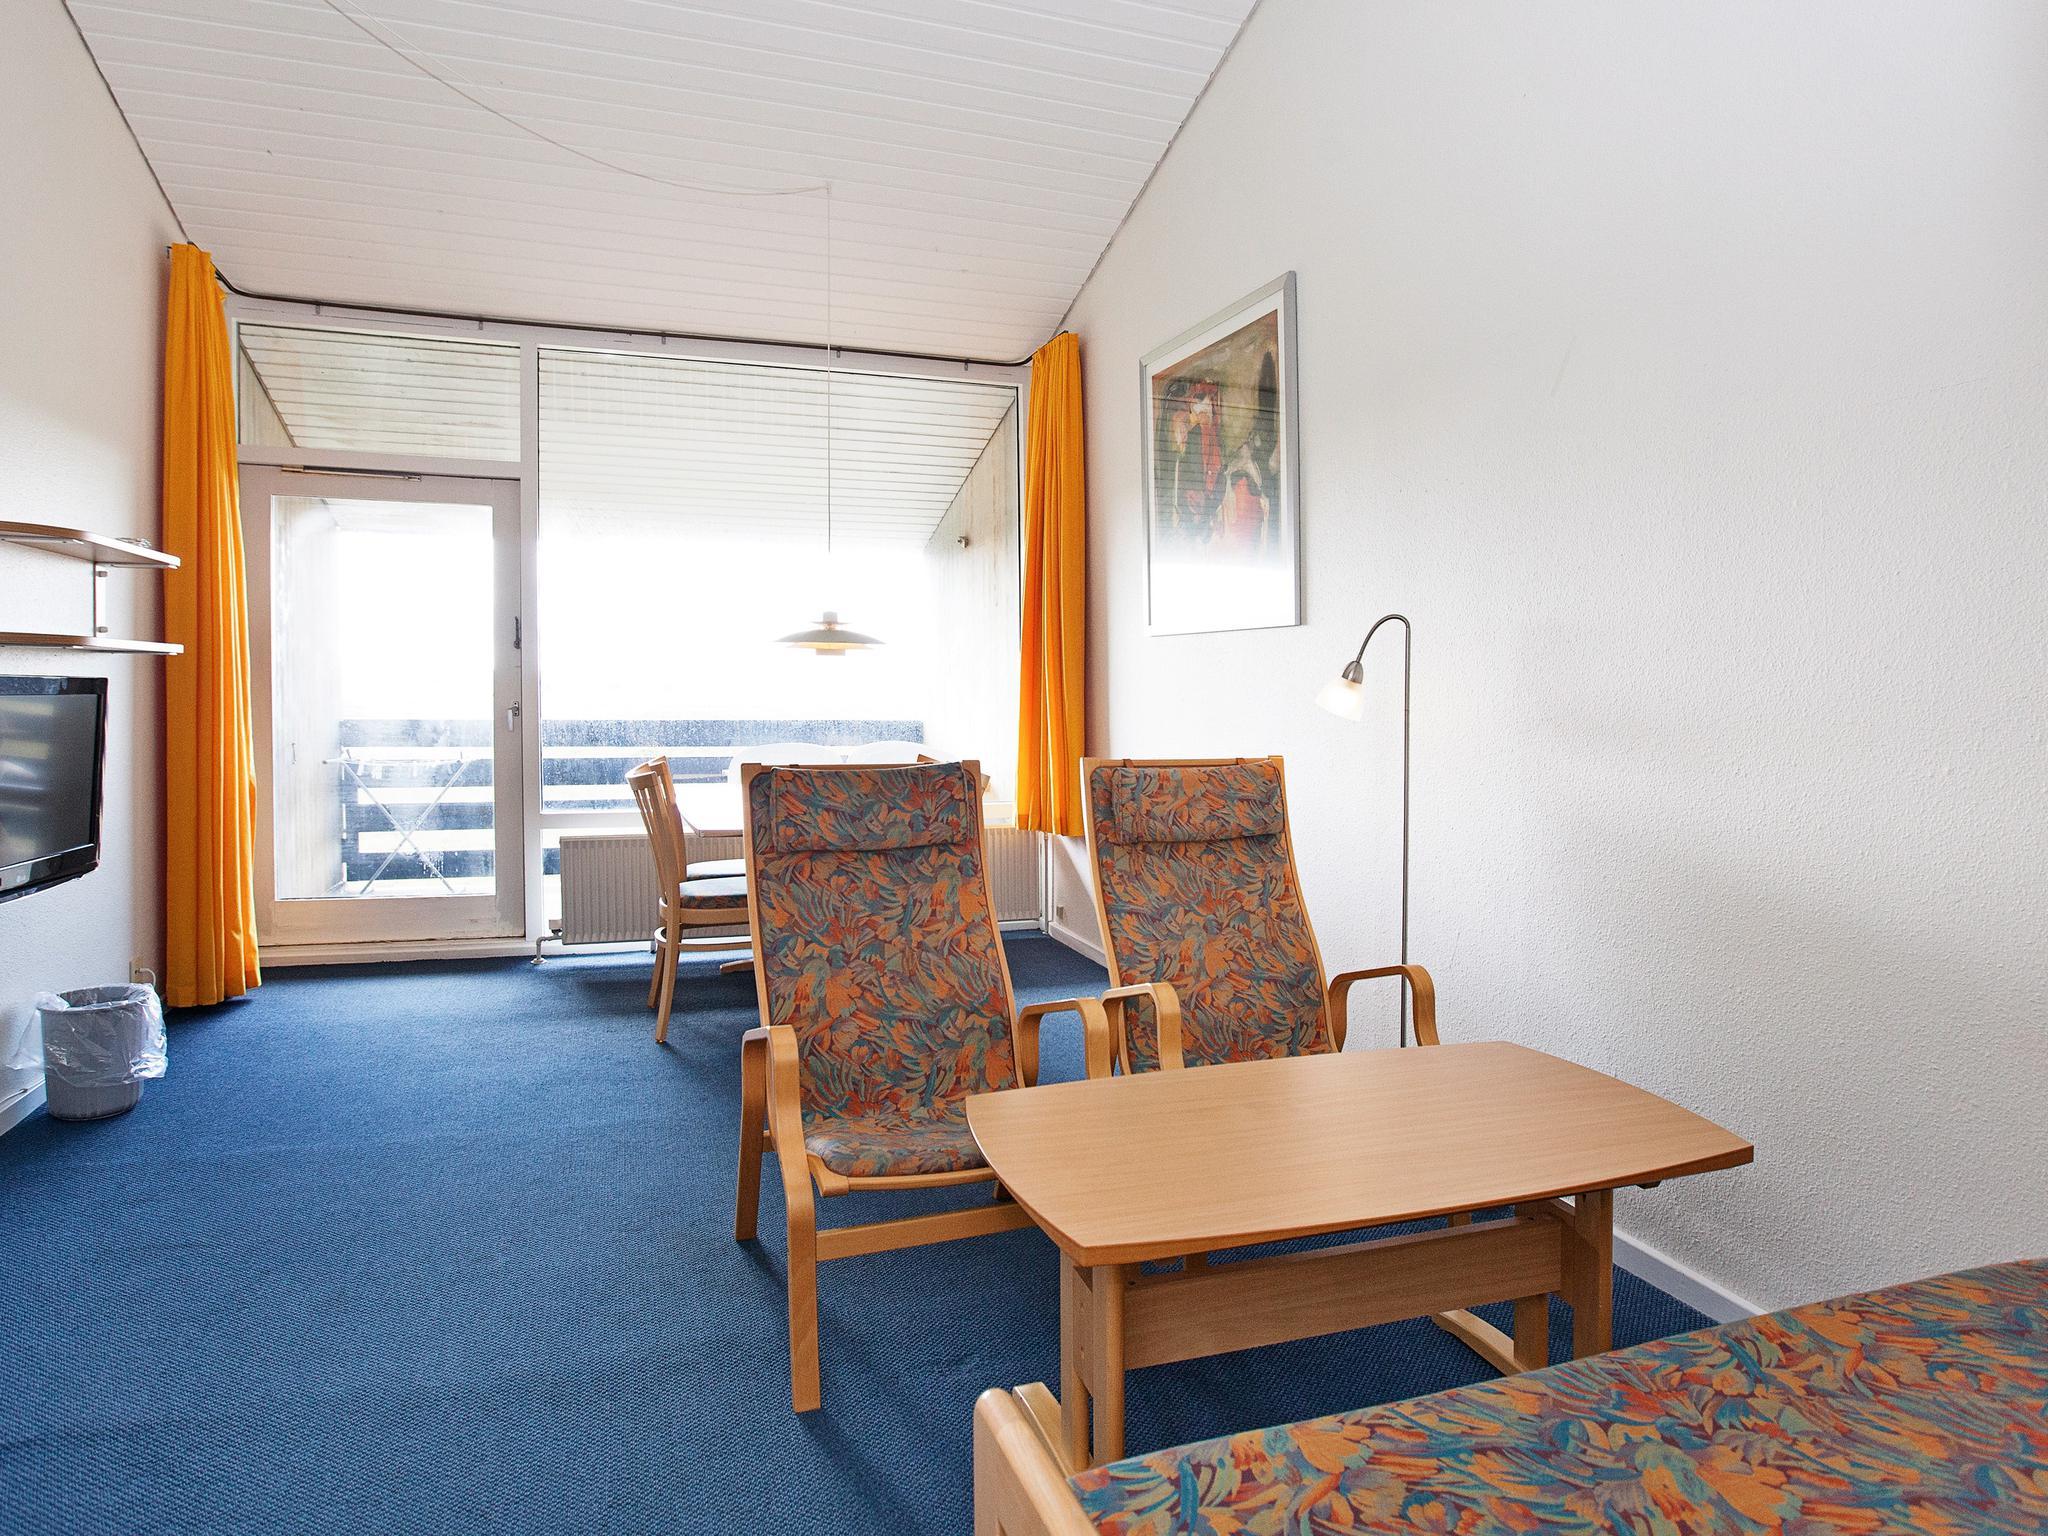 Ferienwohnung Hirtshals - Typ 1 - 2 Zimmer m/Meerblick (382686), Hirtshals, , Nordwestjütland, Dänemark, Bild 7